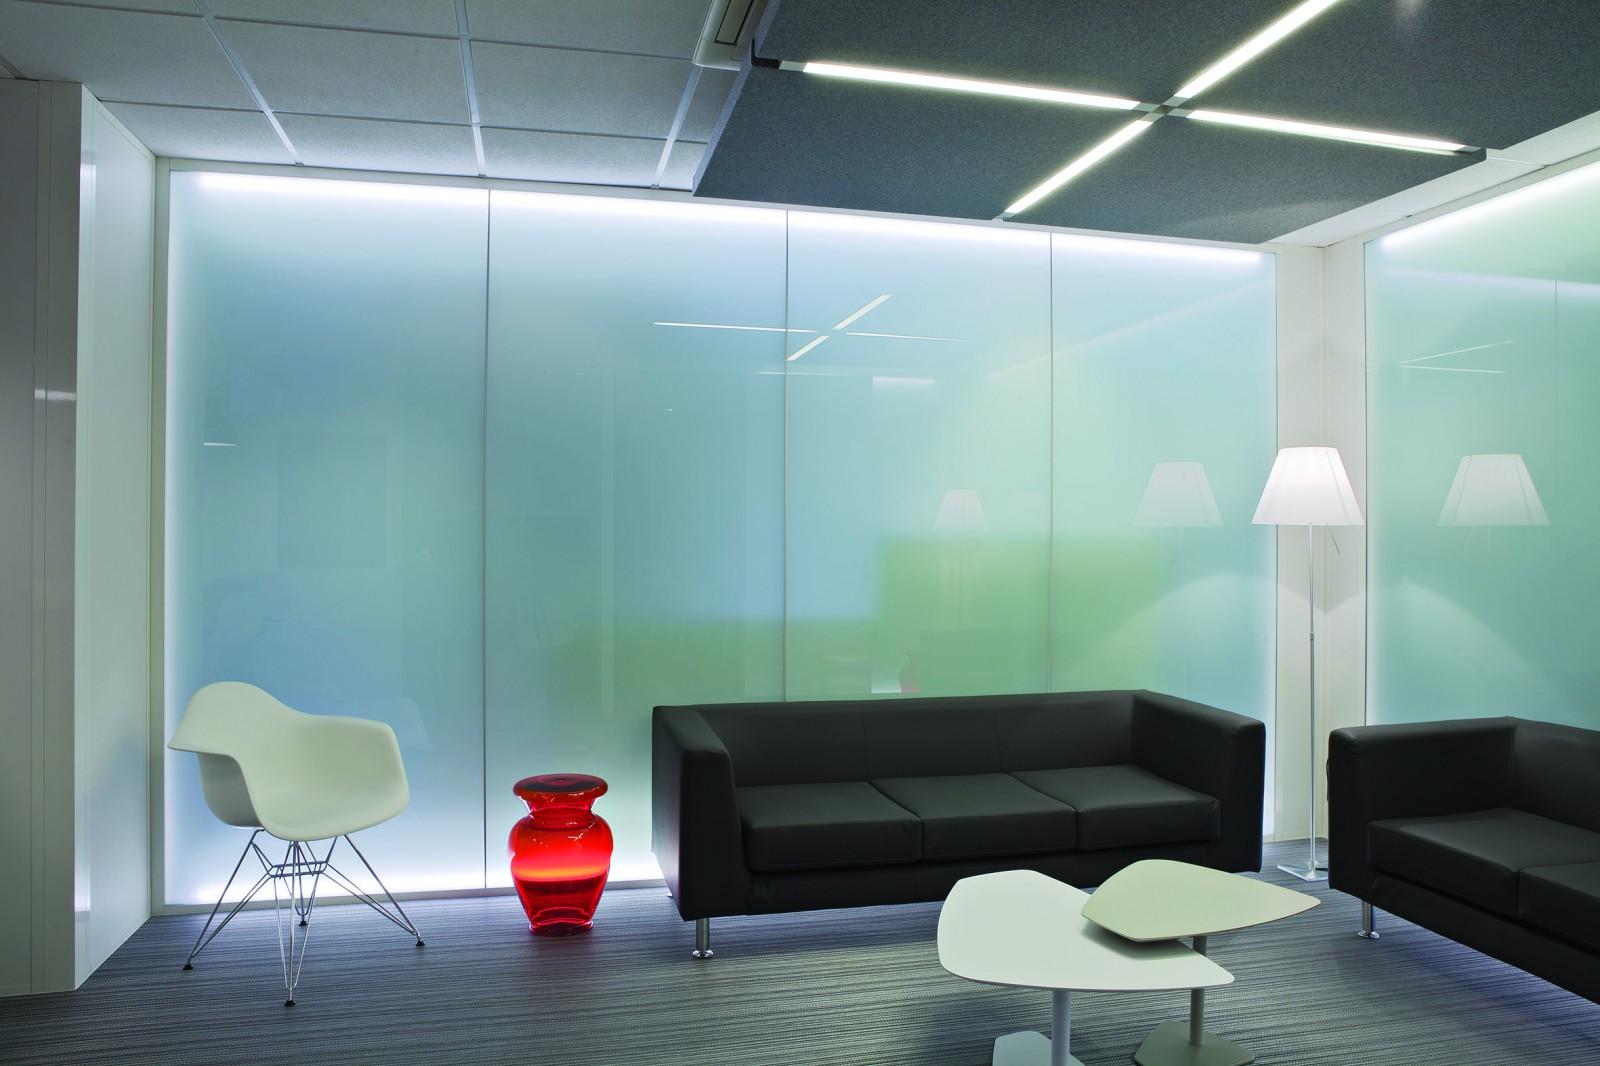 Atypik installateur de cloison amovible et d montable - Cloison industrielle vitree ...